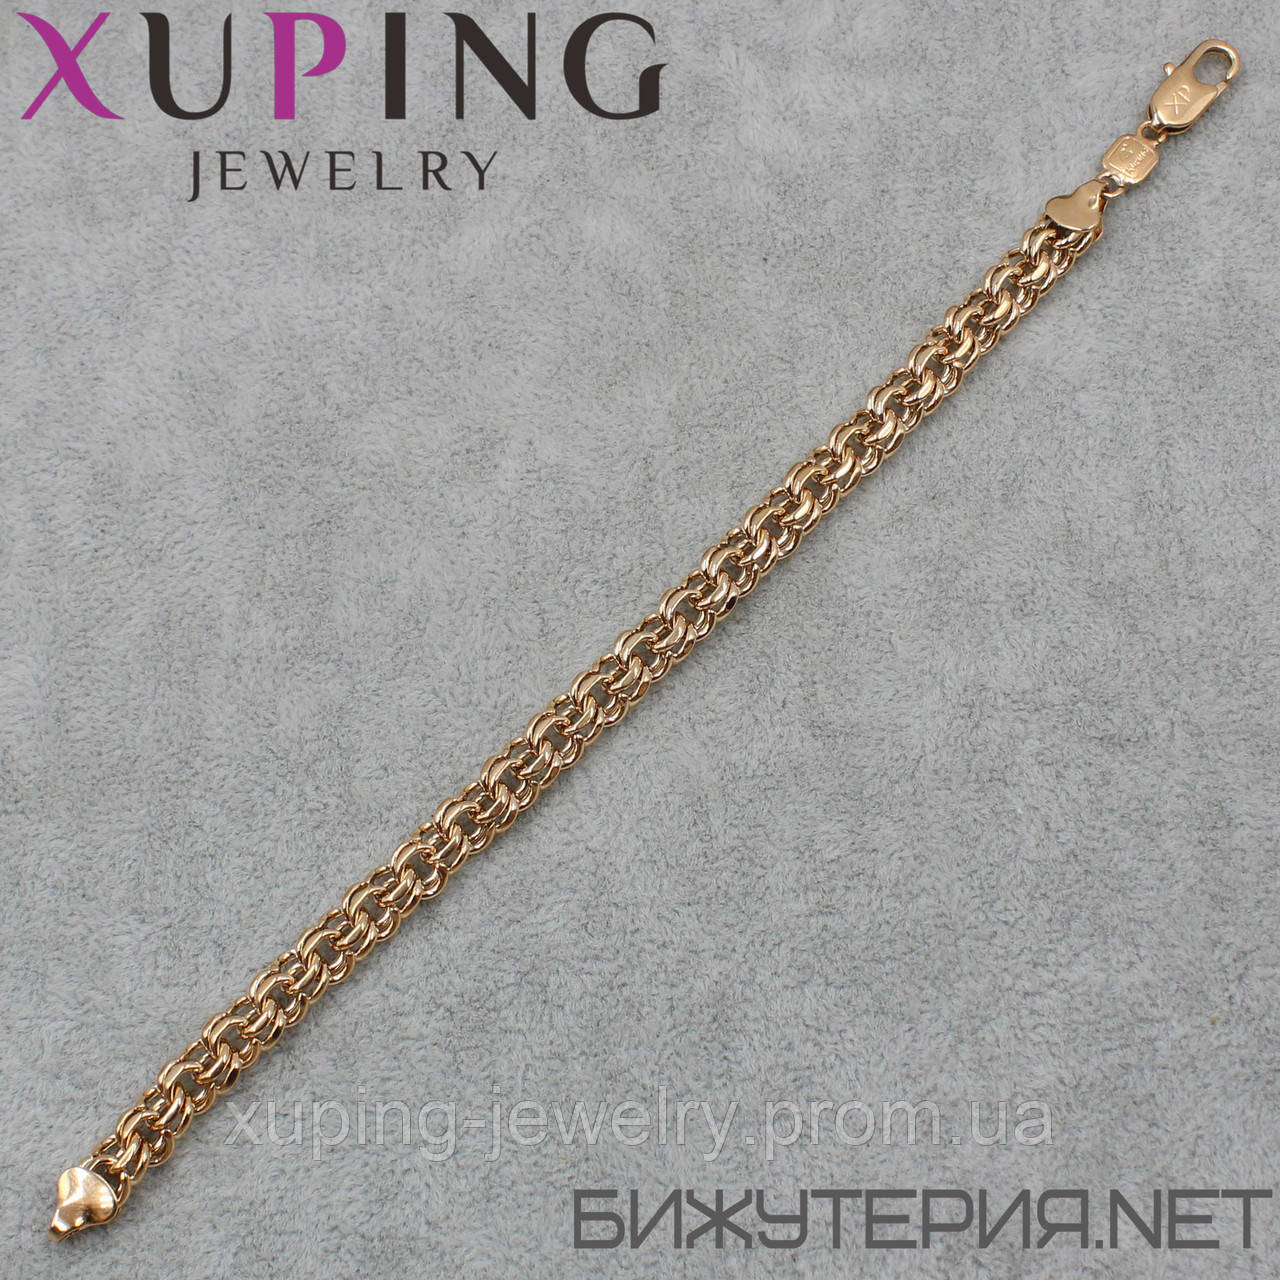 Xuping браслет xpgb23